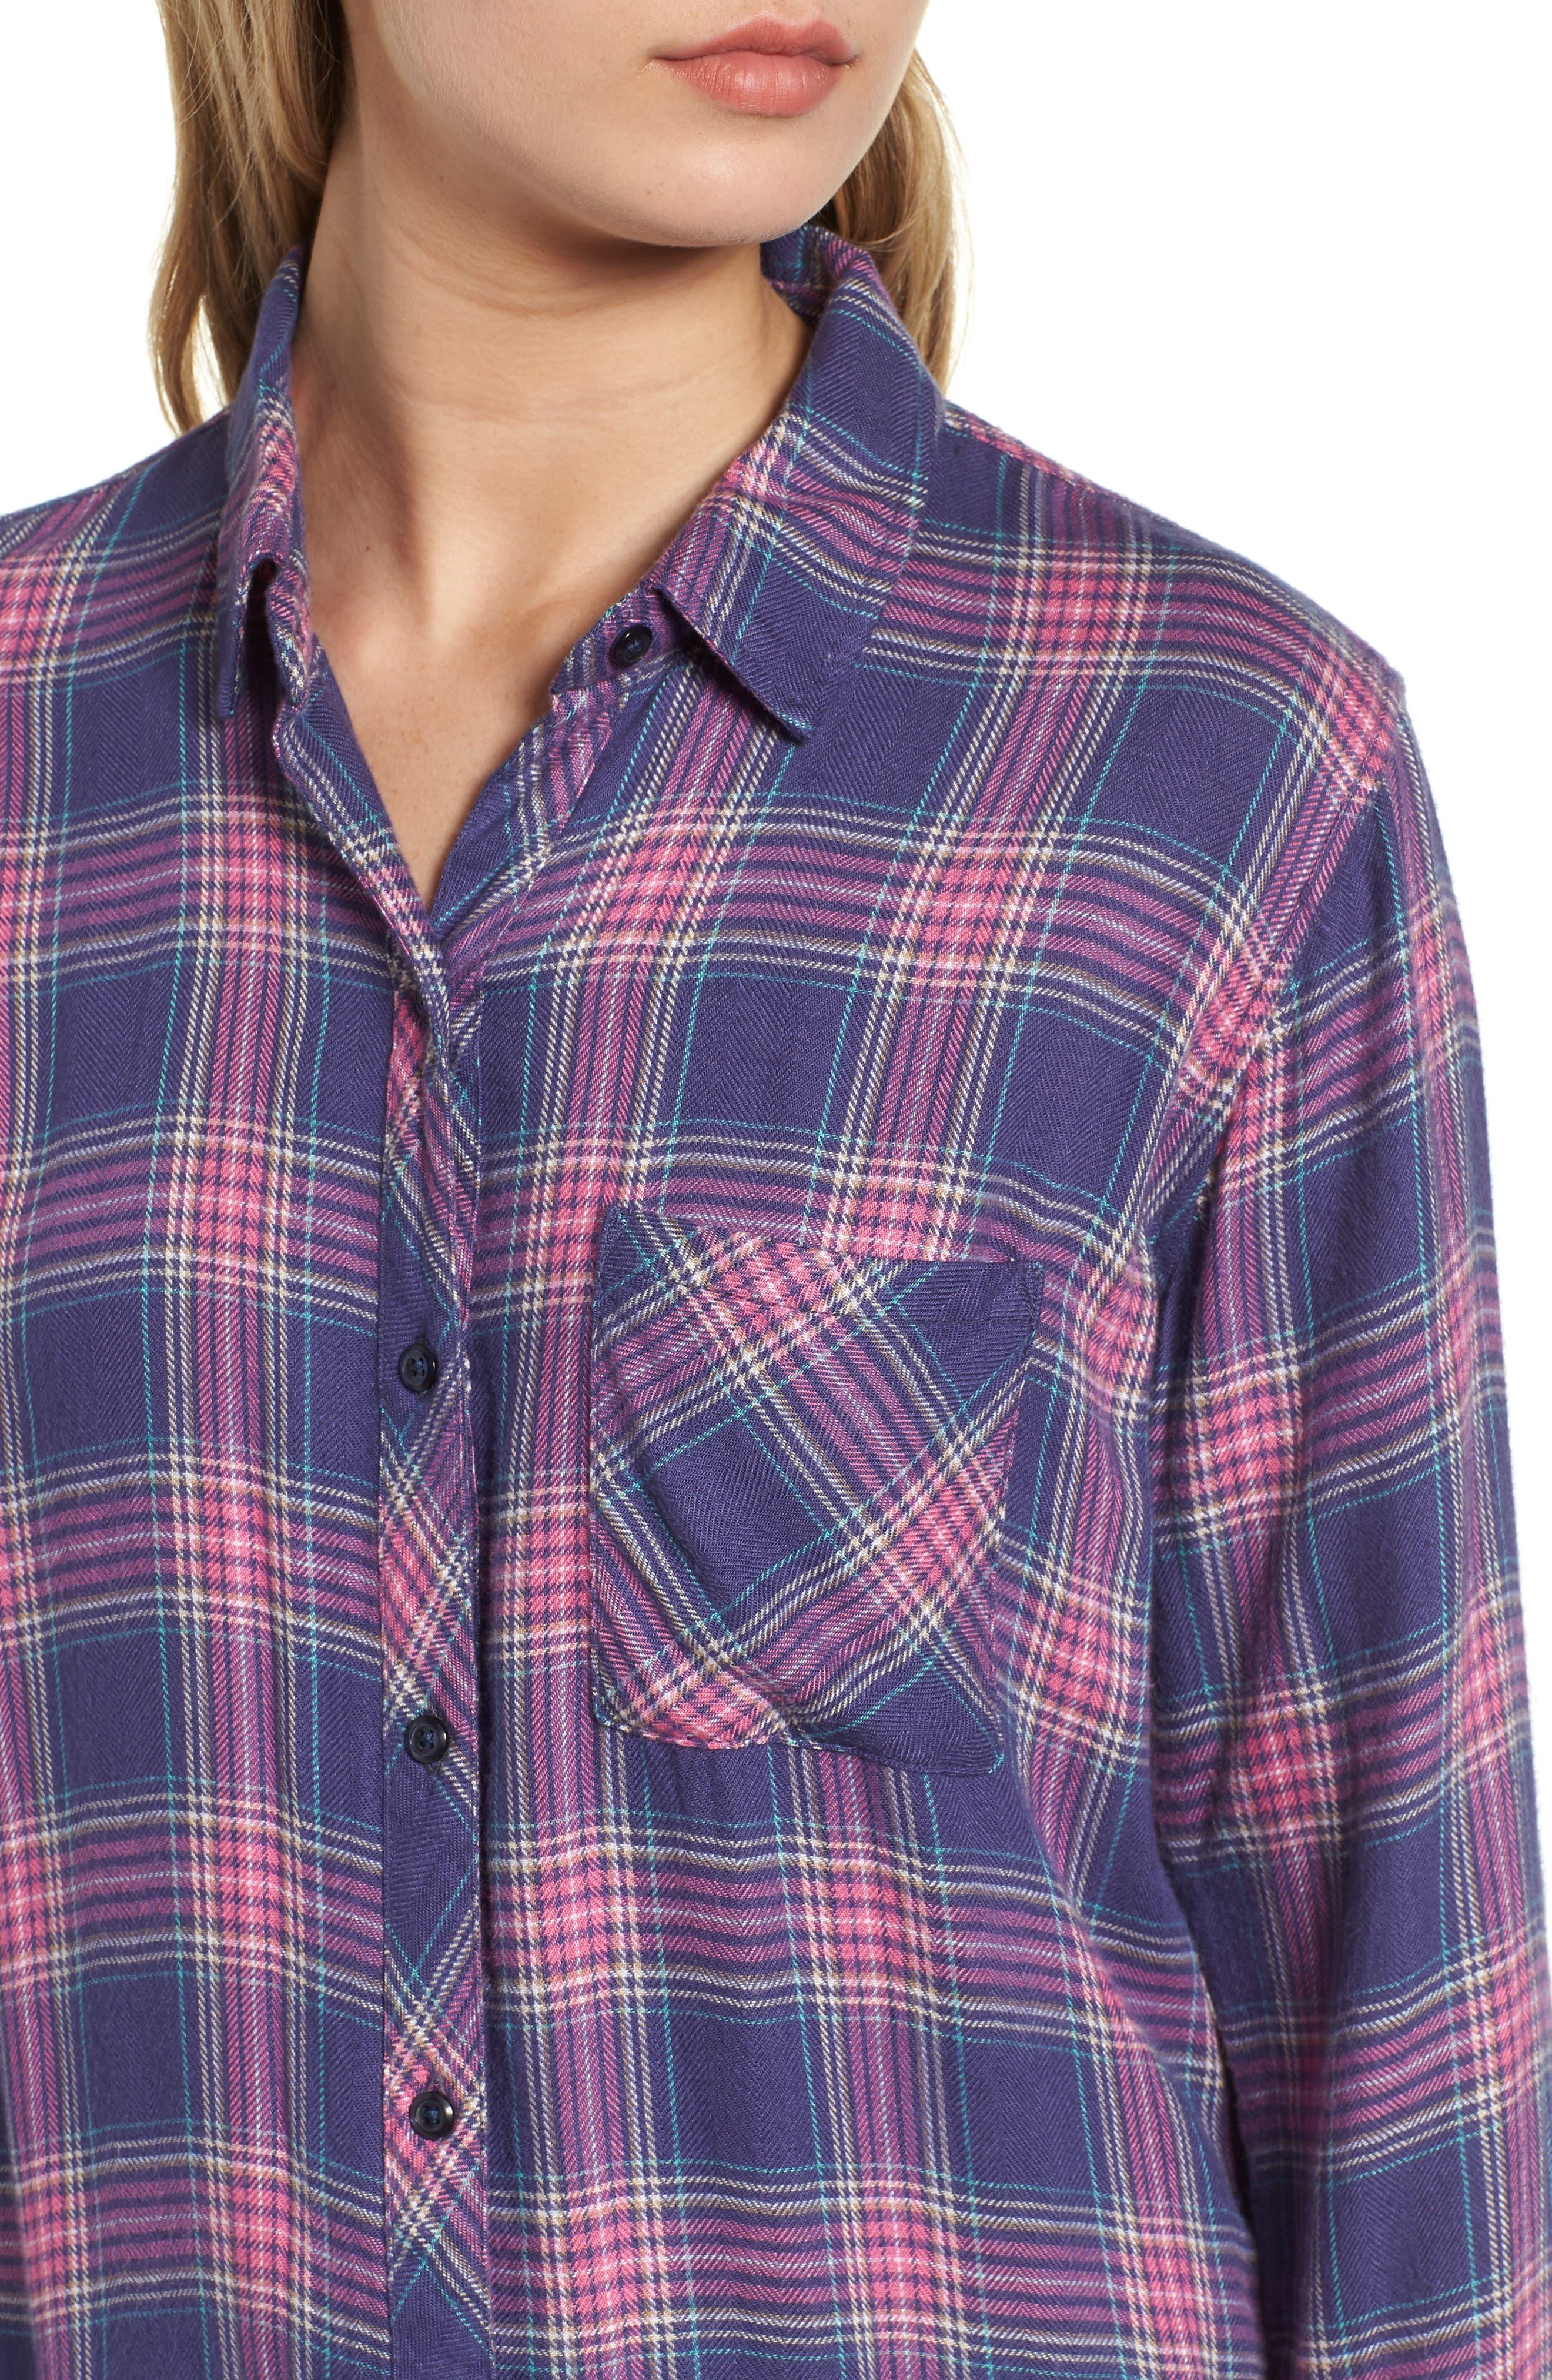 Hunter Plaid Shirt,                             Alternate thumbnail 489, color,